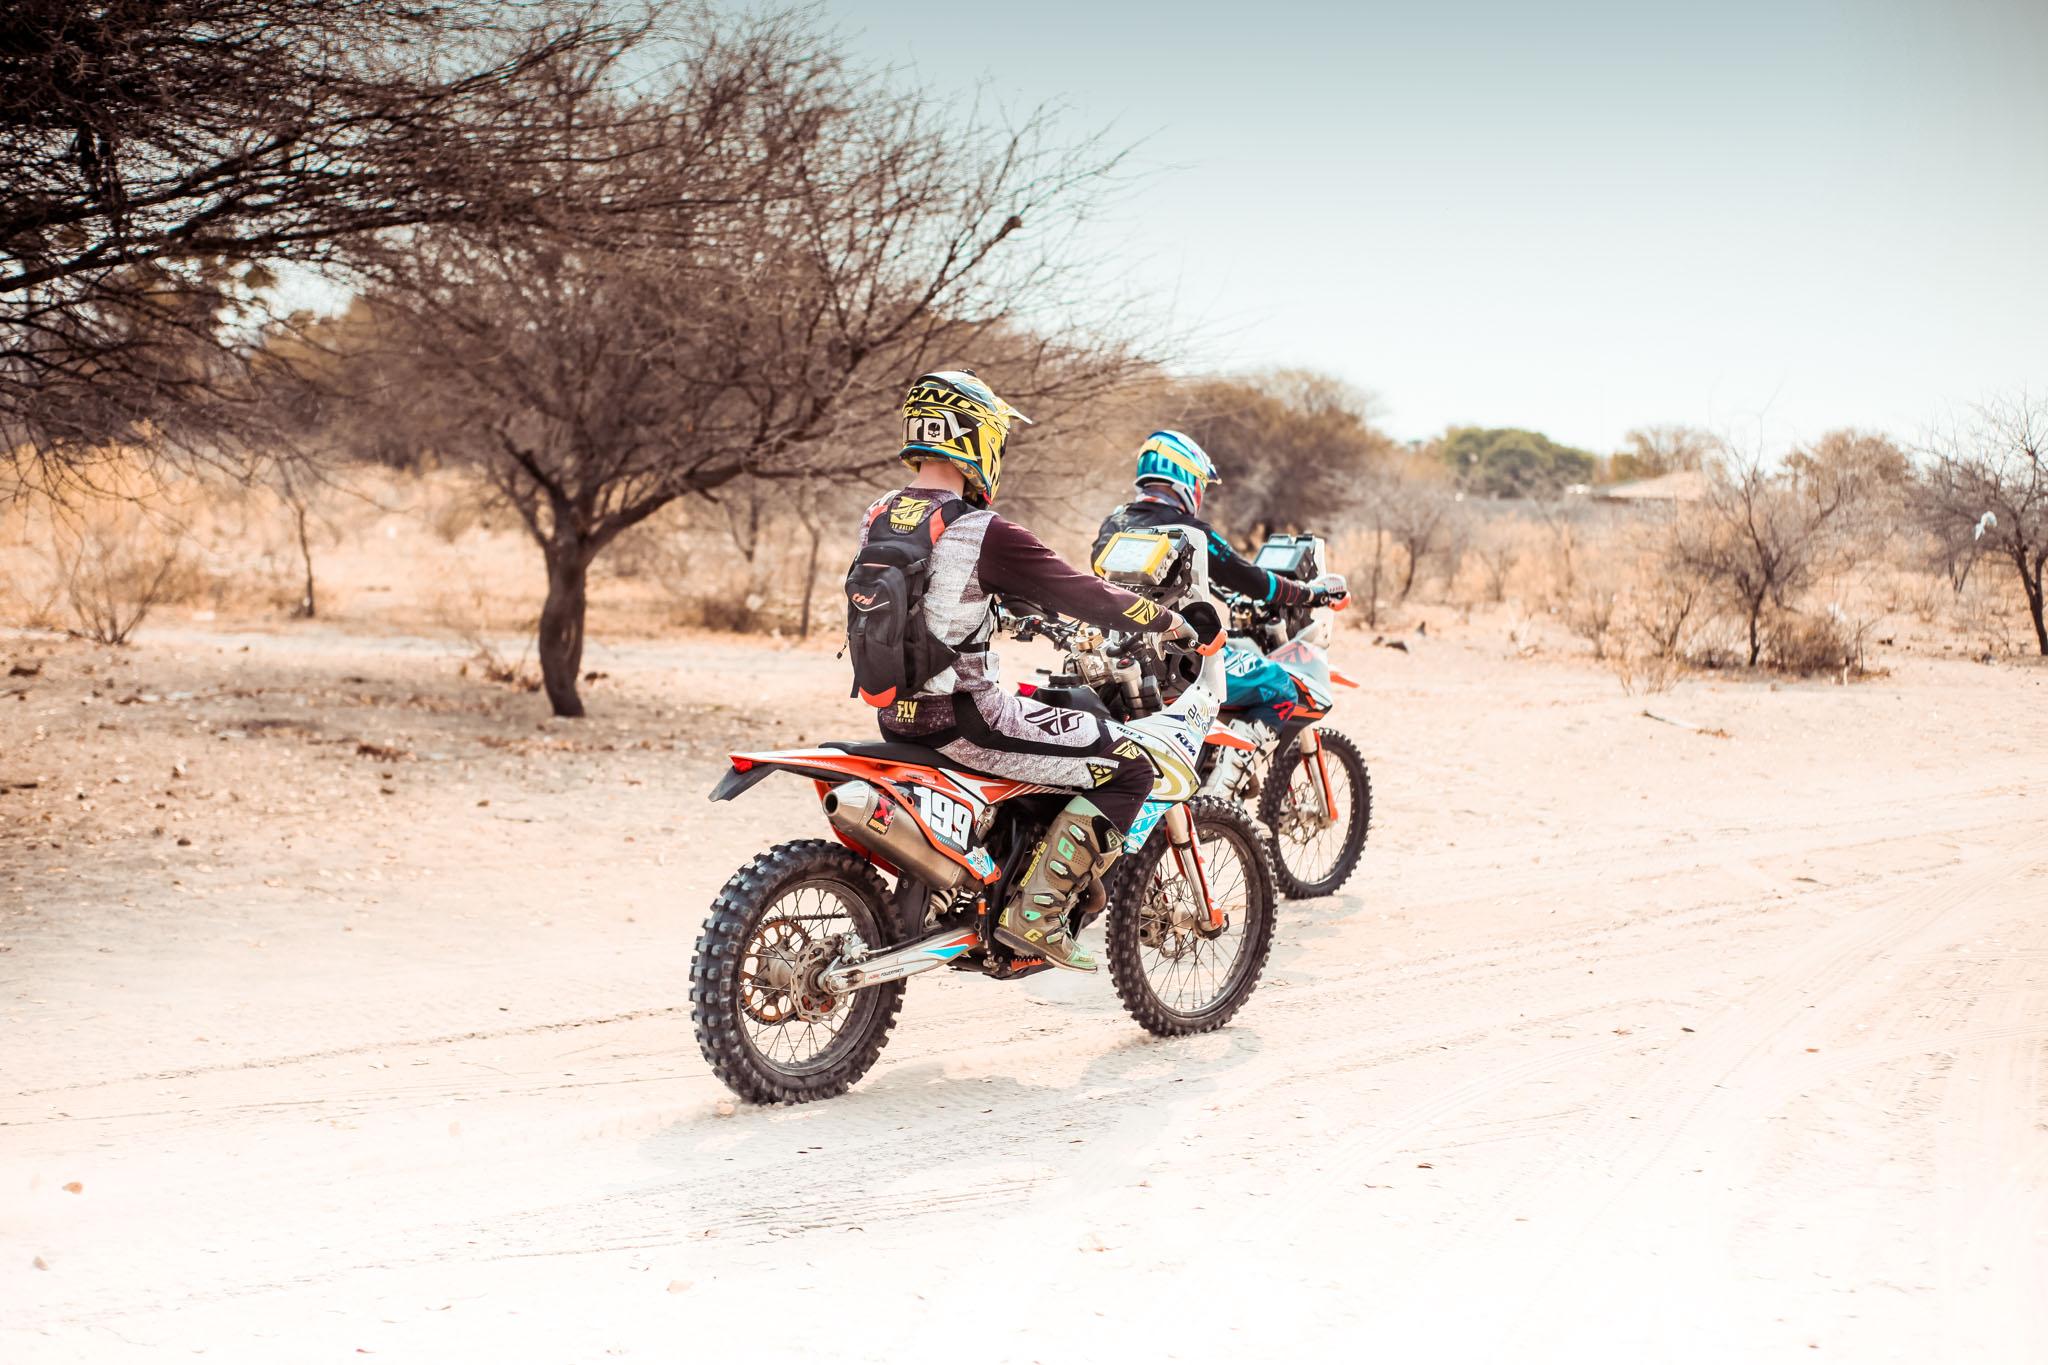 rally bikes plains